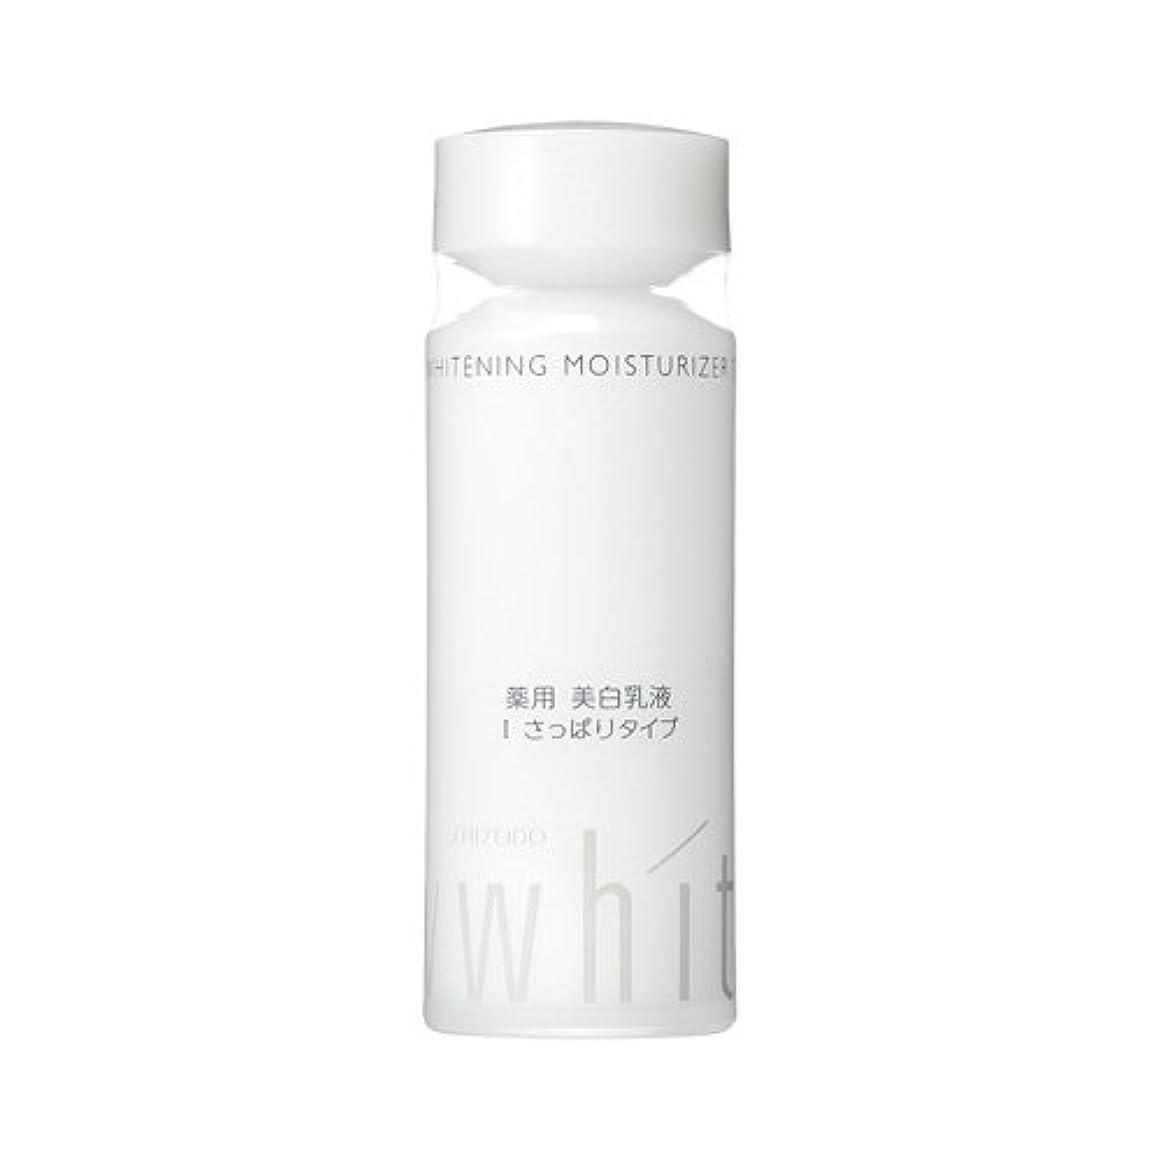 のど問題ブリリアントユーヴィーホワイト ホワイトニング モイスチャーライザーⅠ 乳液(夜用) 100ml